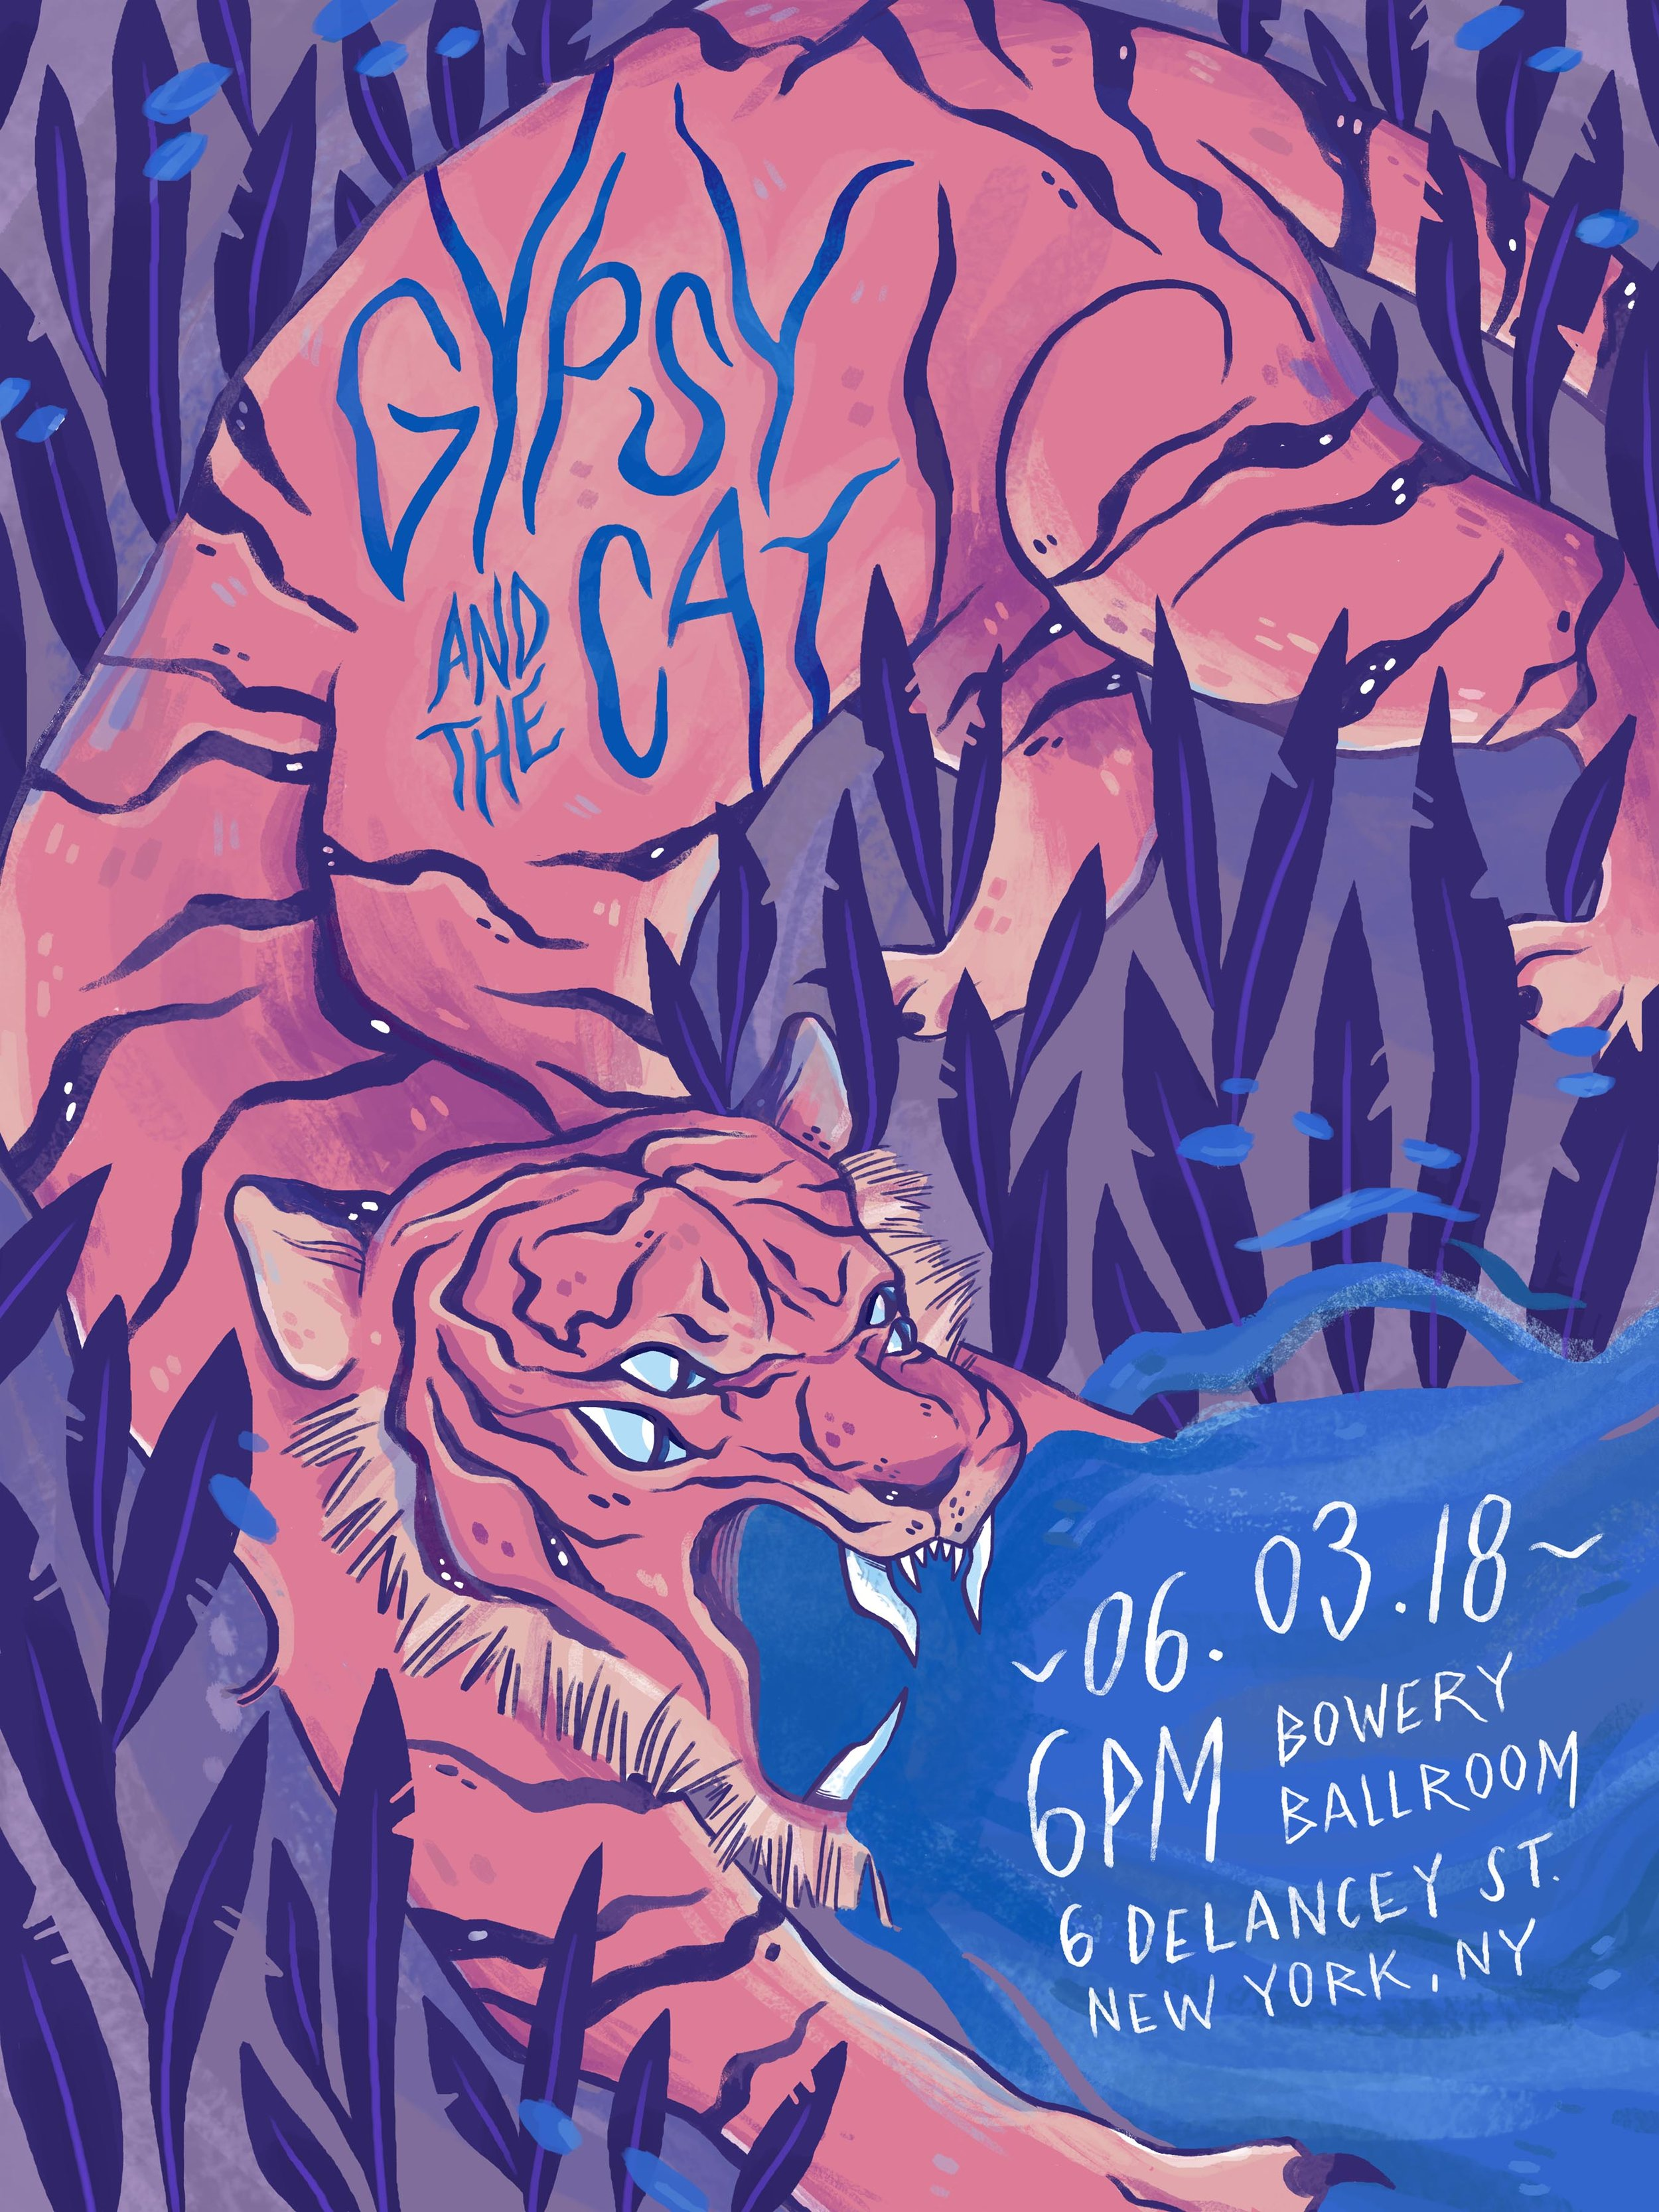 EP 9 Gig Poster.jpg